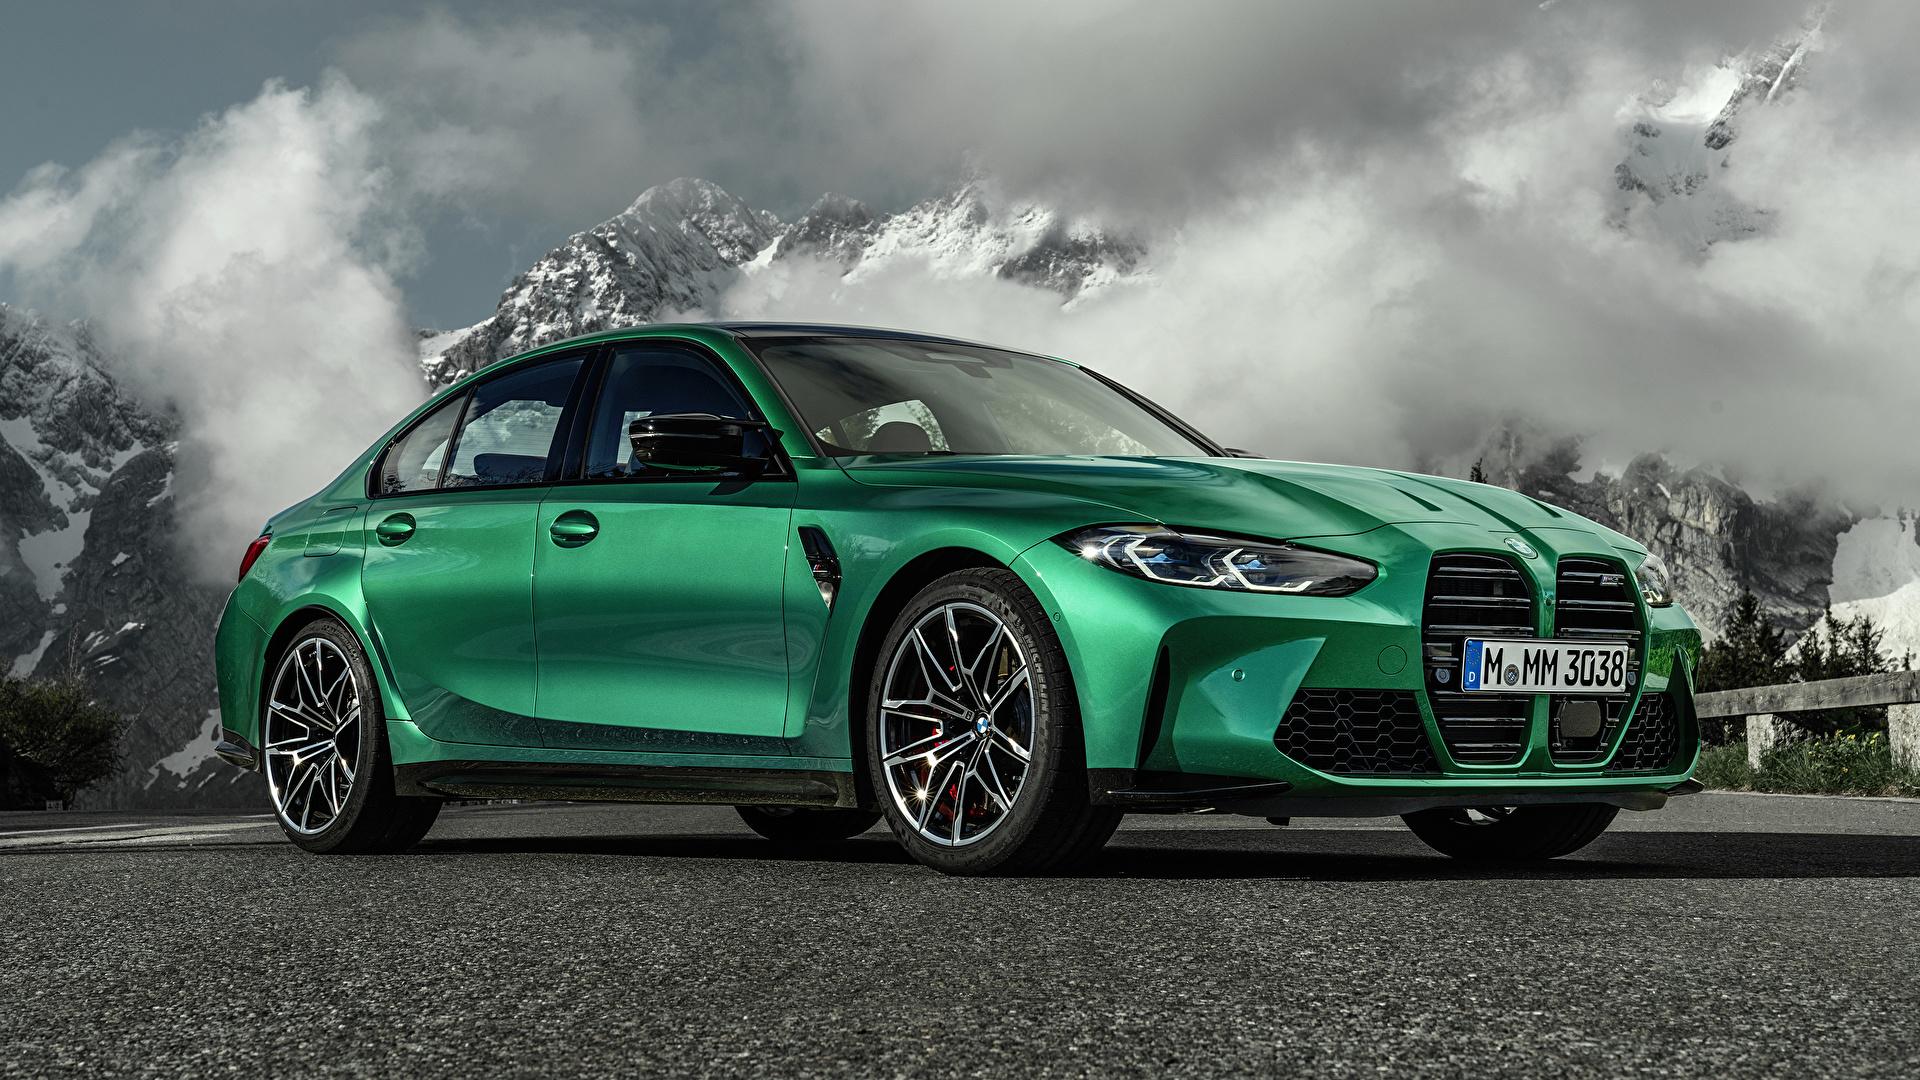 Фотографии БМВ M3 Competition, (G80), 2020 Зеленый Металлик Автомобили 1920x1080 BMW зеленая зеленые зеленых авто машины машина автомобиль